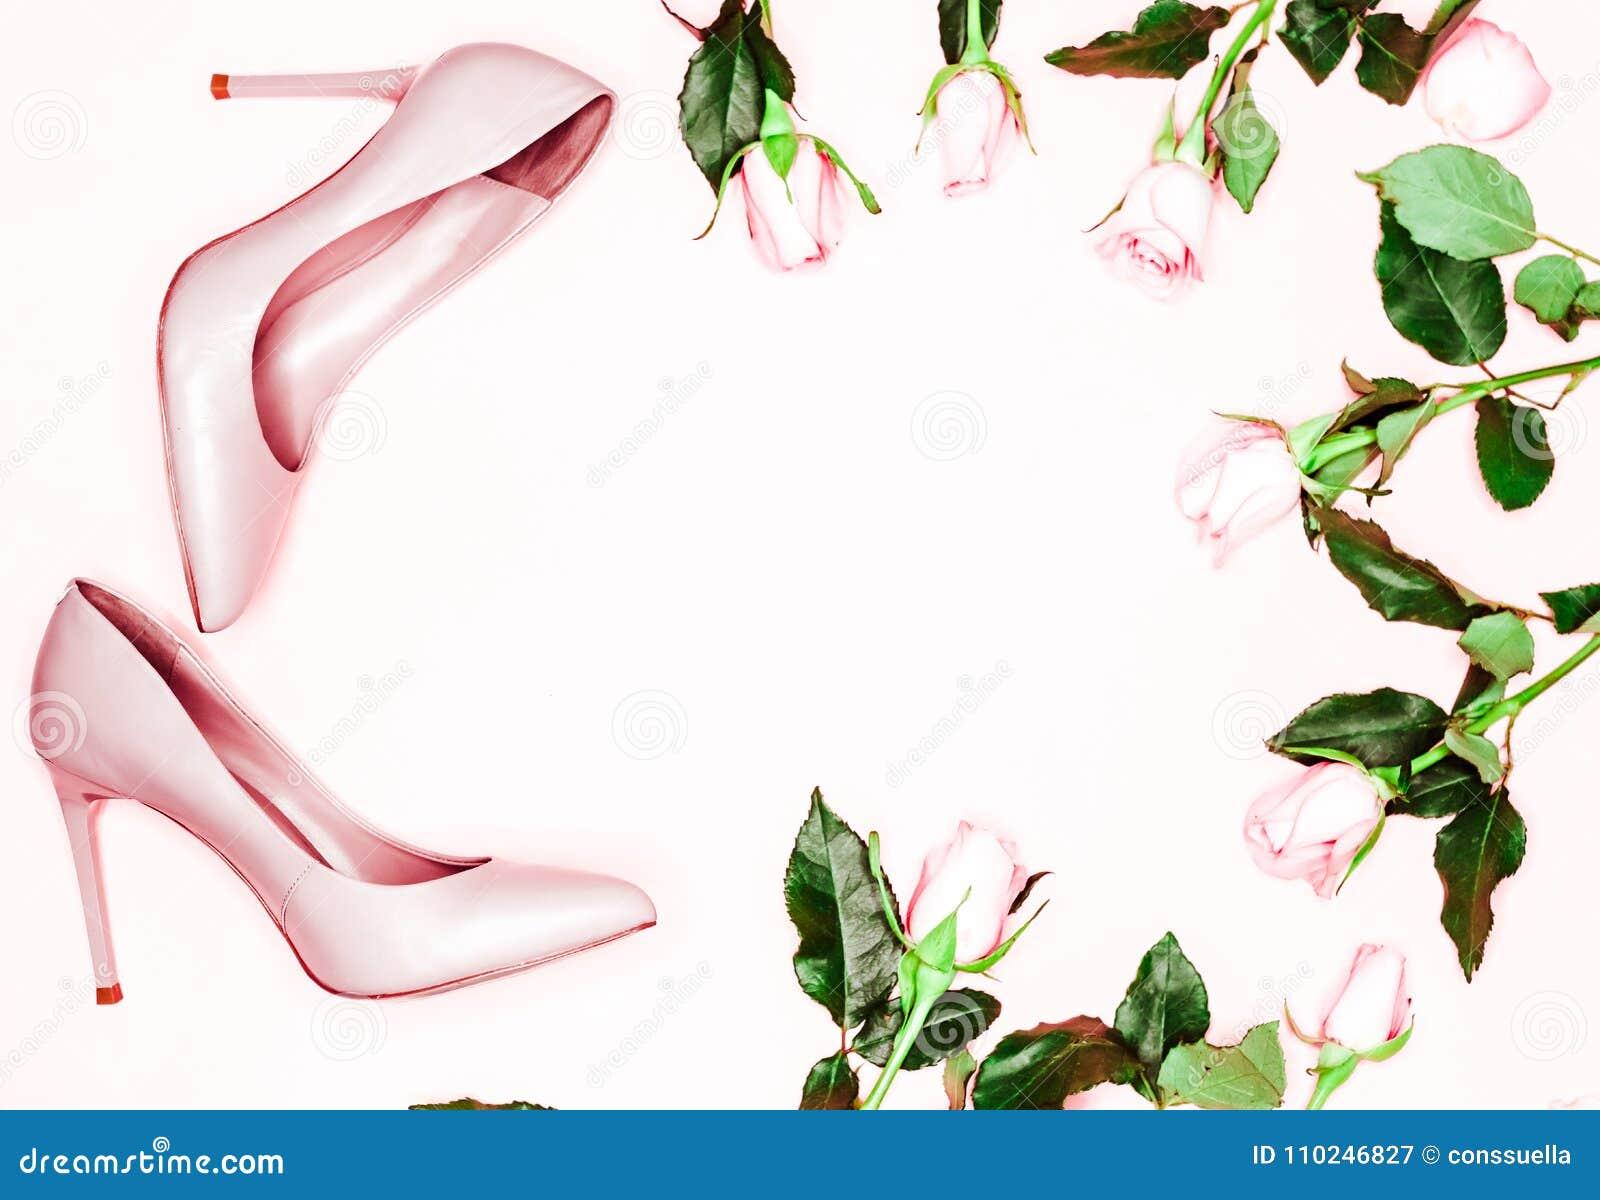 Sur Femmes Le Rose Talon Pastel De De De Chaussures Haut En zpUMSVGq